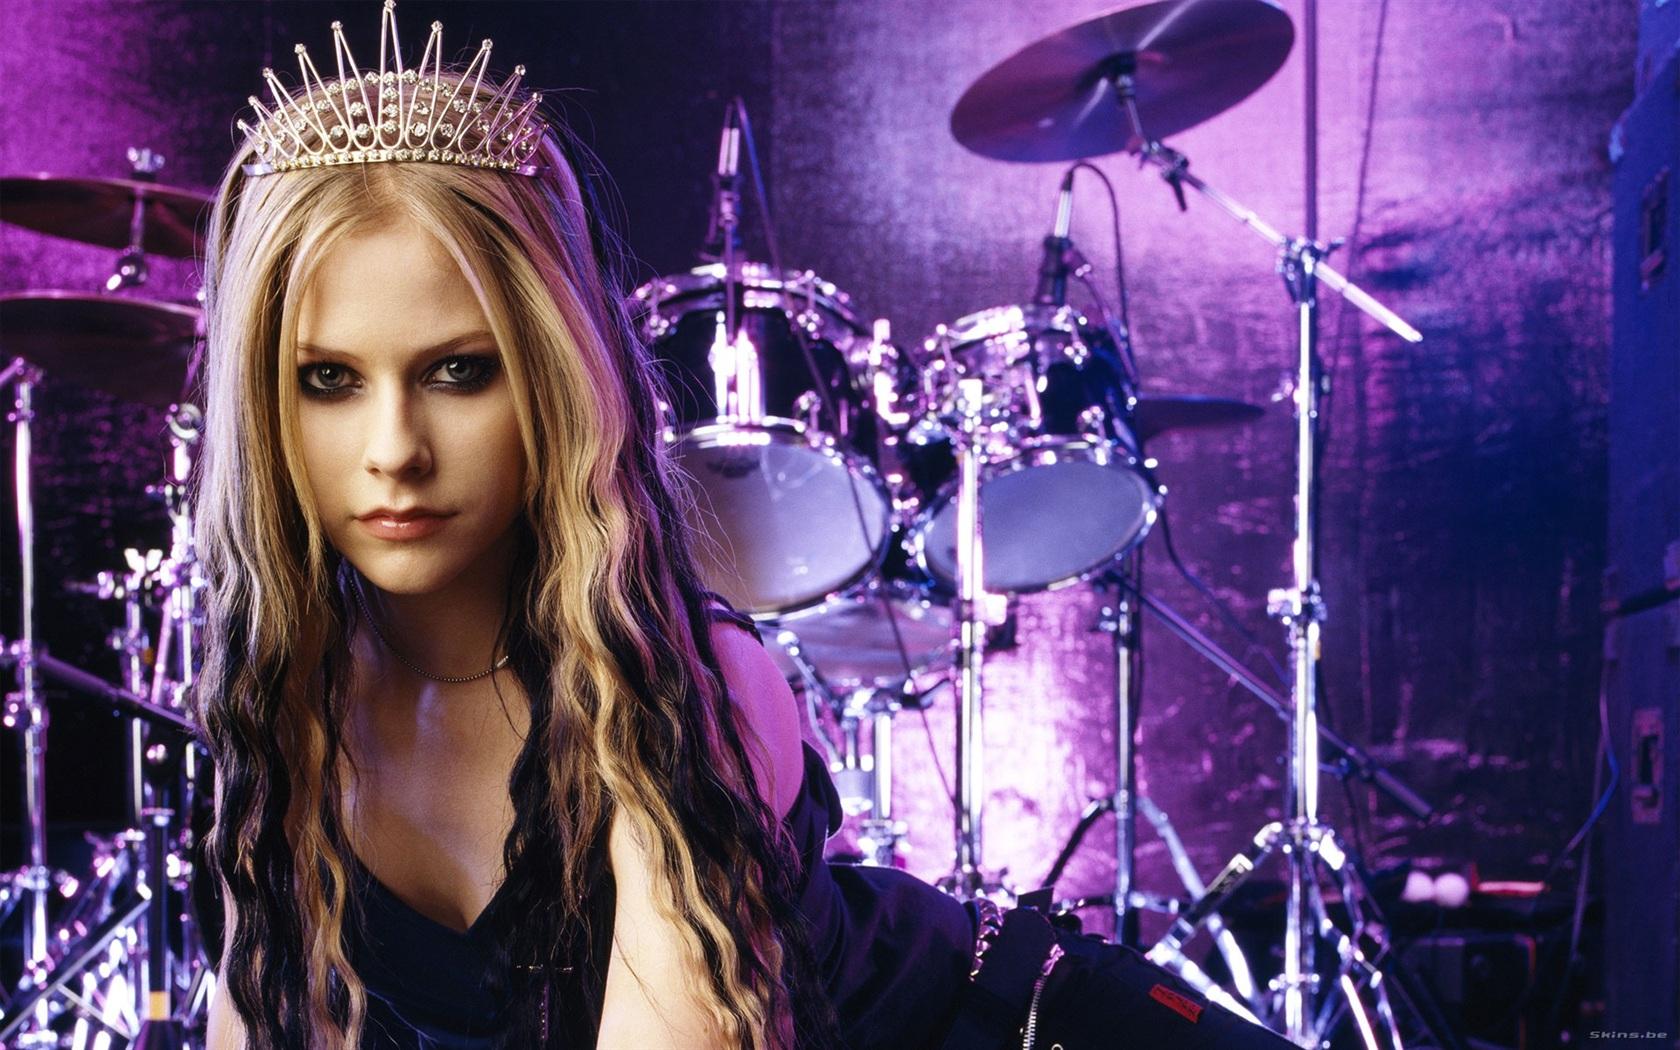 Avril-Lavigne-08_1680x1050.jpg Avril Lavigne